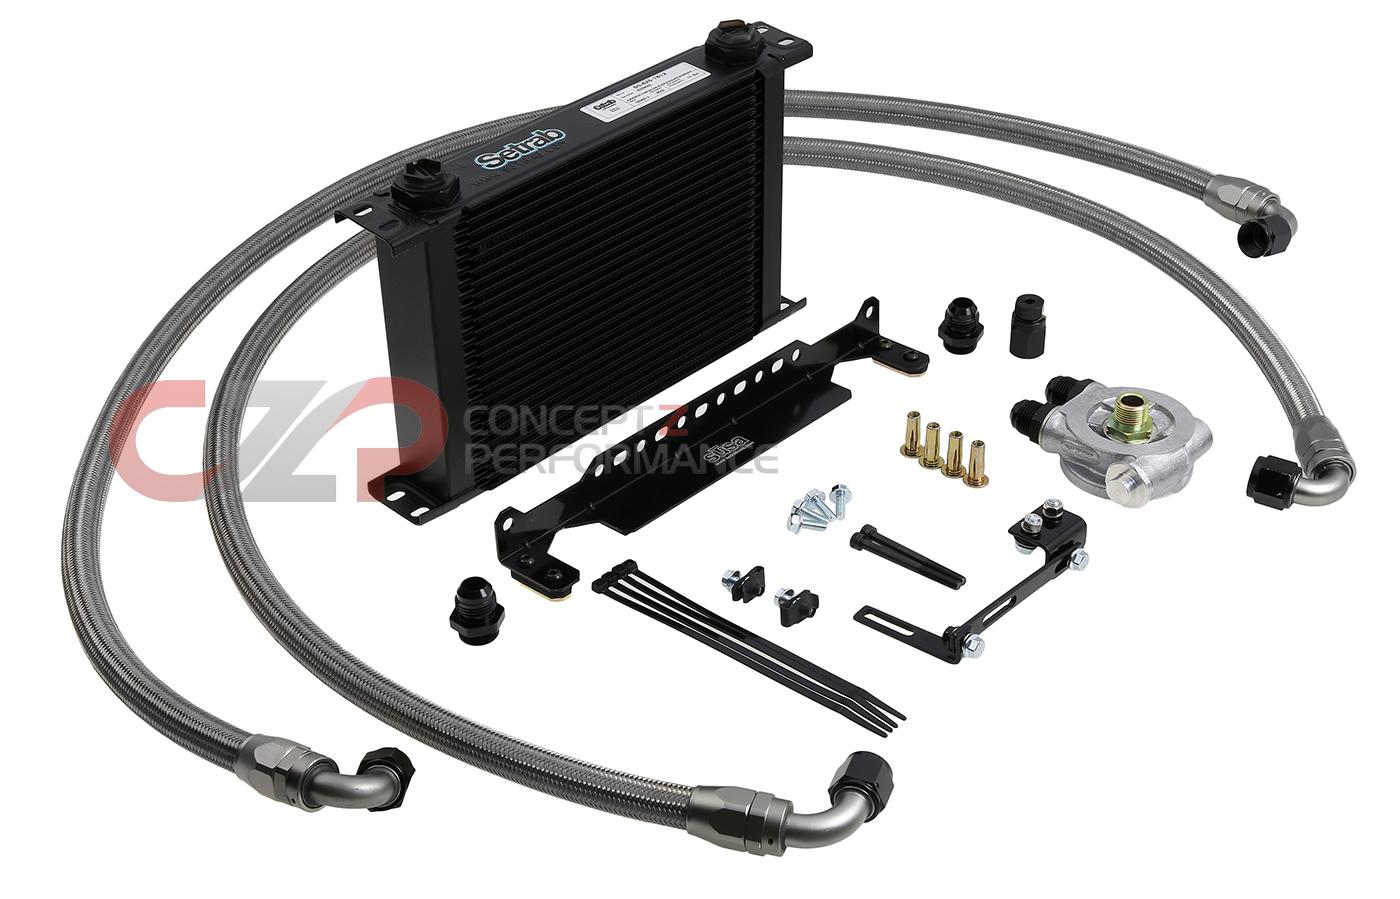 Motor Oil Coolers : Z motorsports engine oil cooler kit nissan